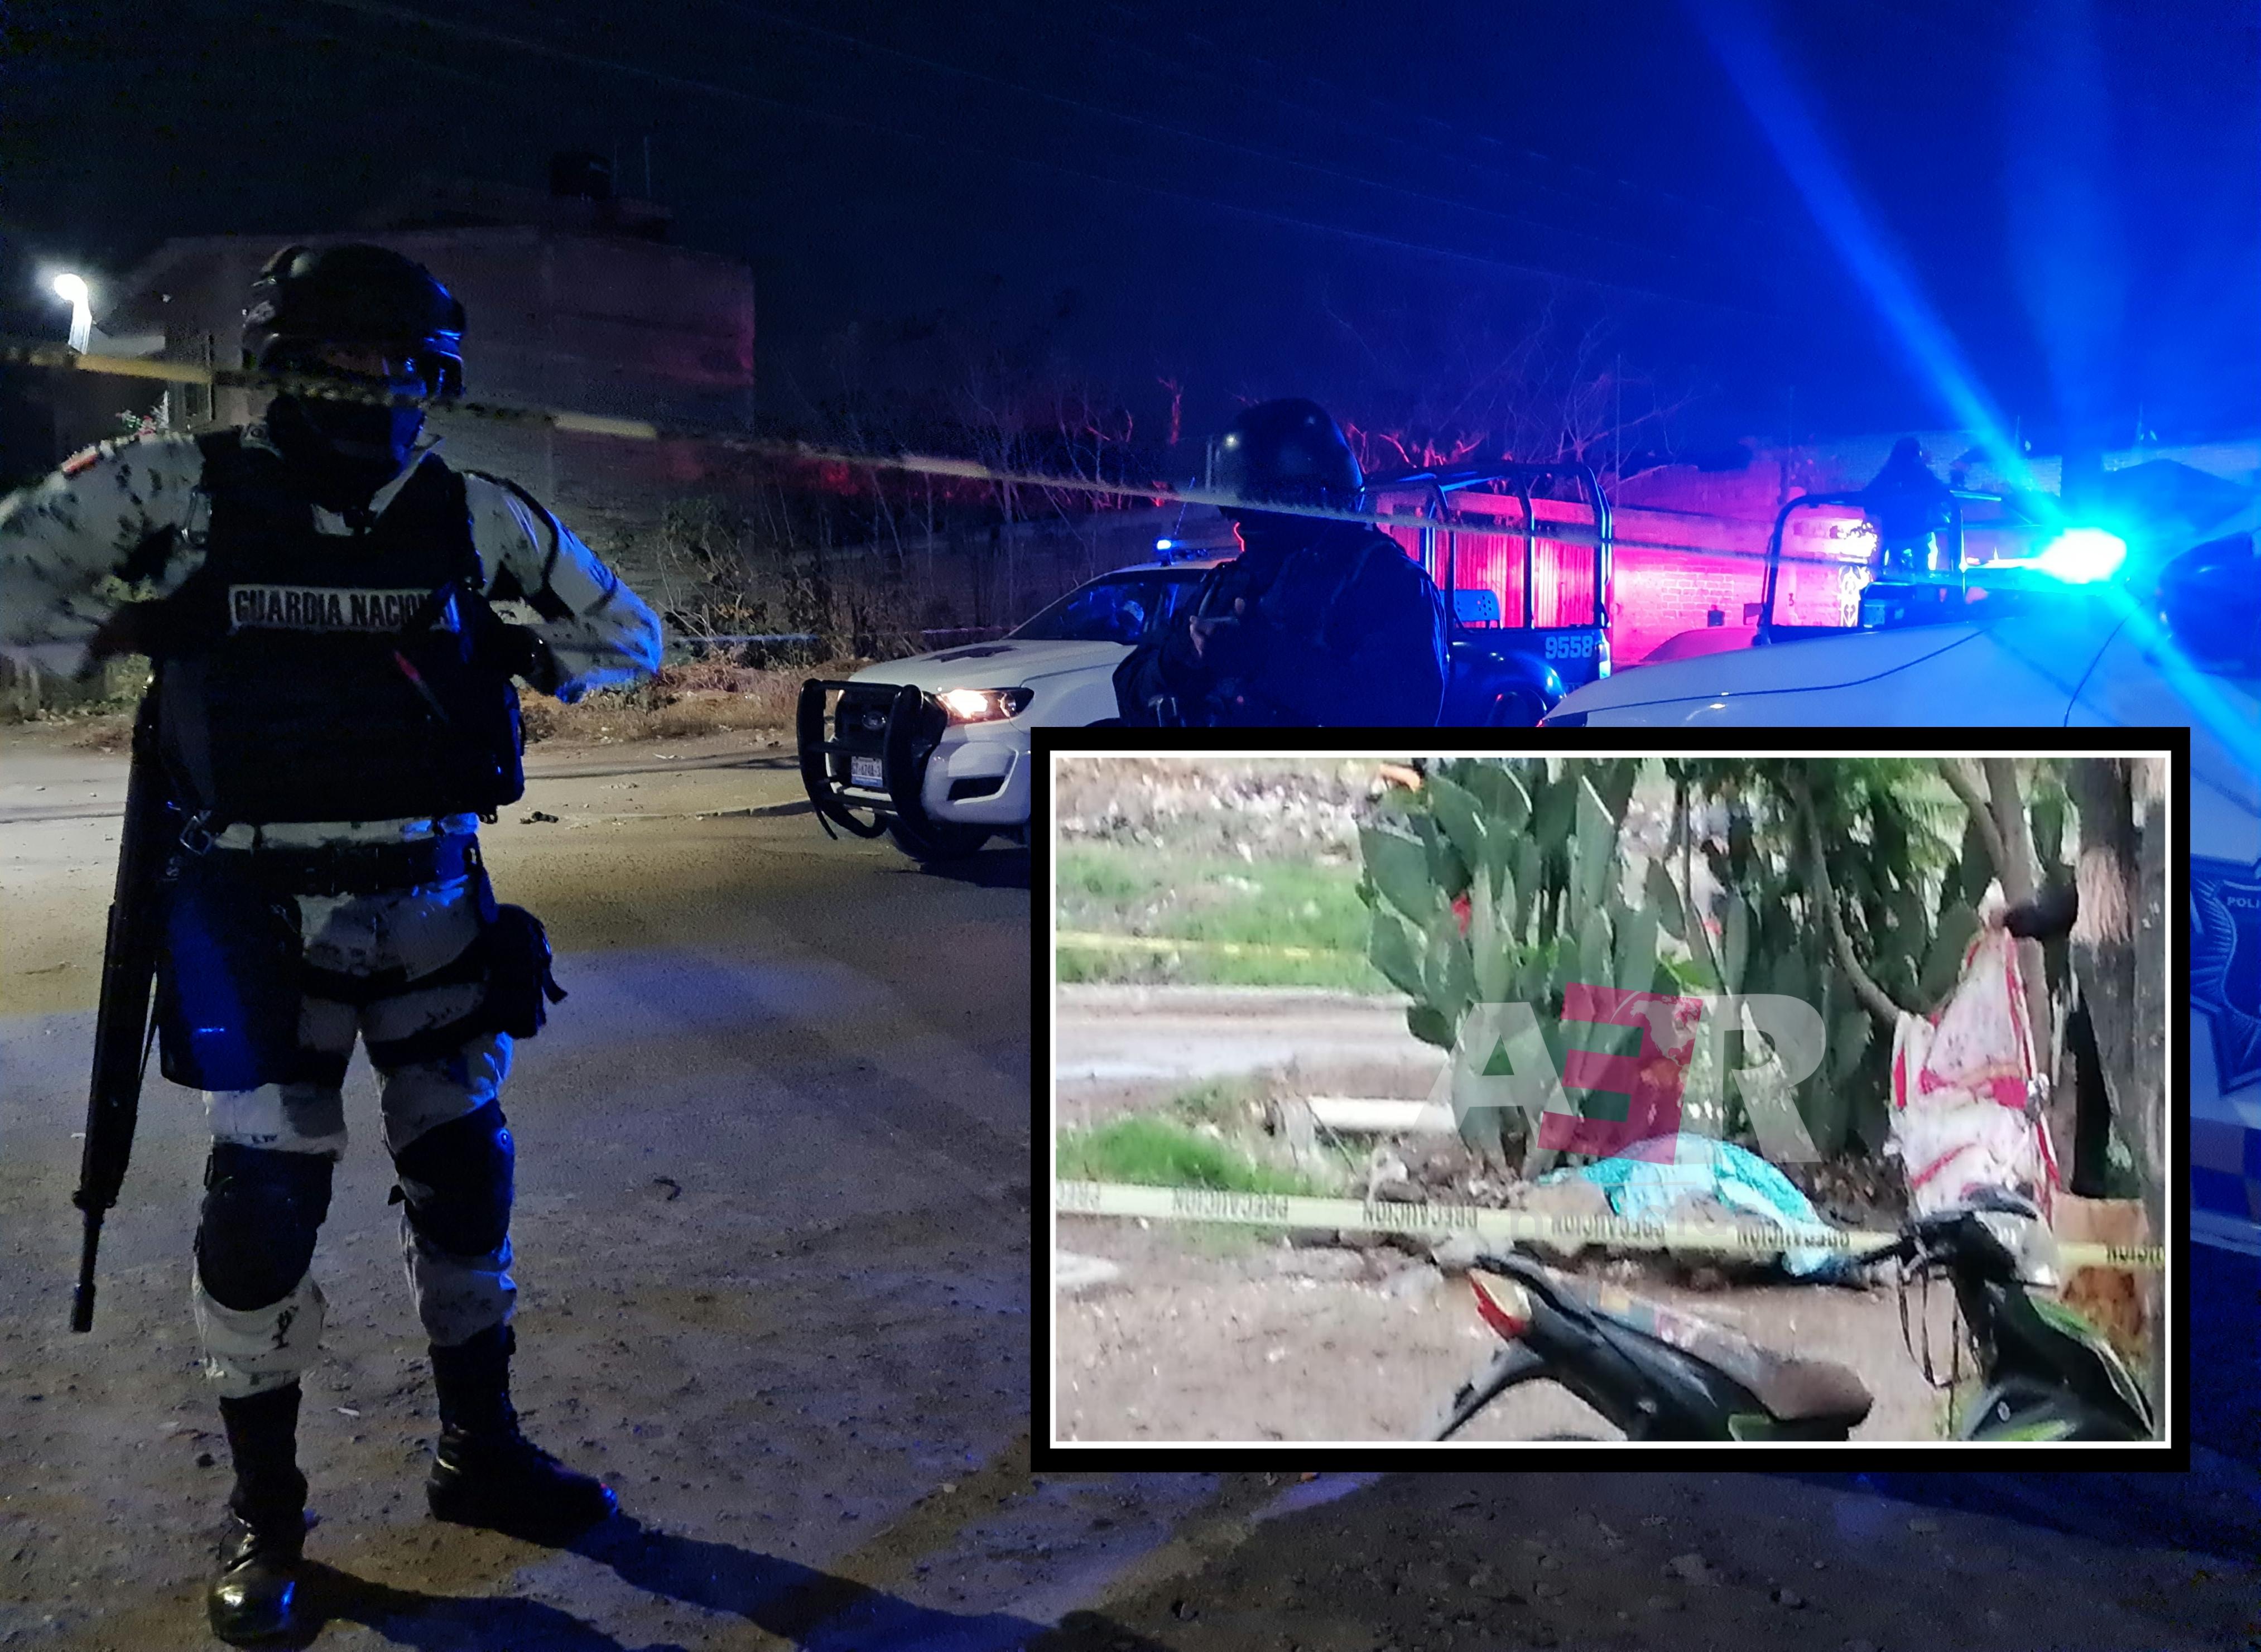 Cuatro muertos, una mujer y tres hombres en dos ataques armados 2